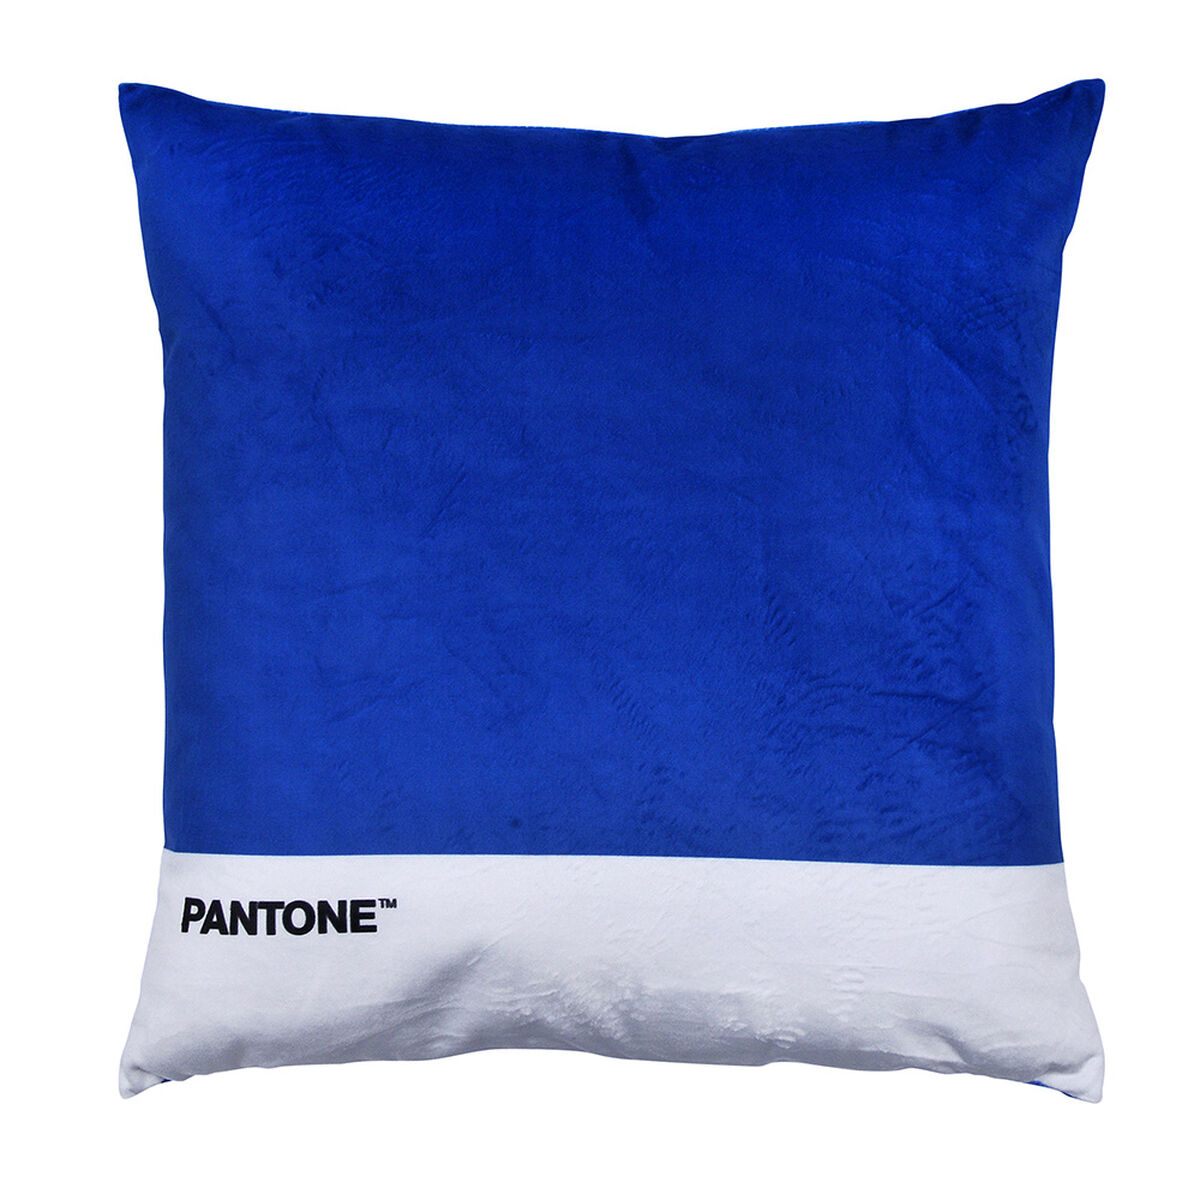 Cojín Pantone Velvet 40X40 Cm Azul